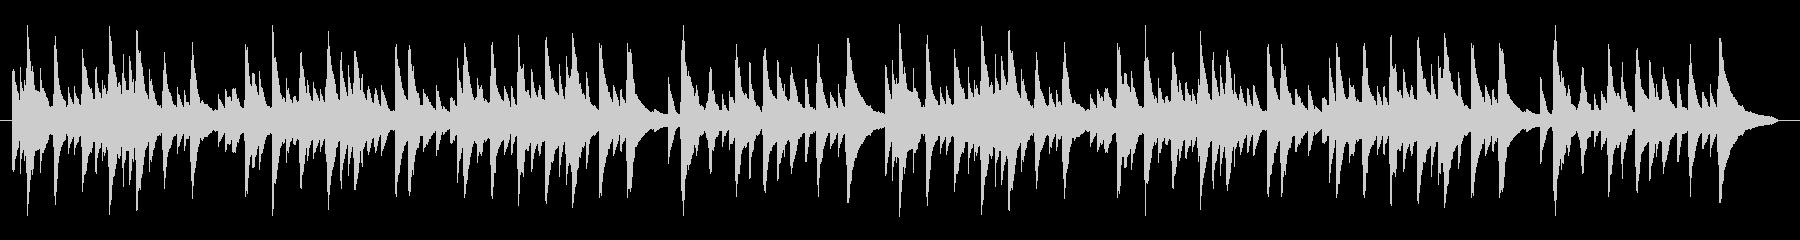 素朴でちょっとつたないソロピアノの未再生の波形